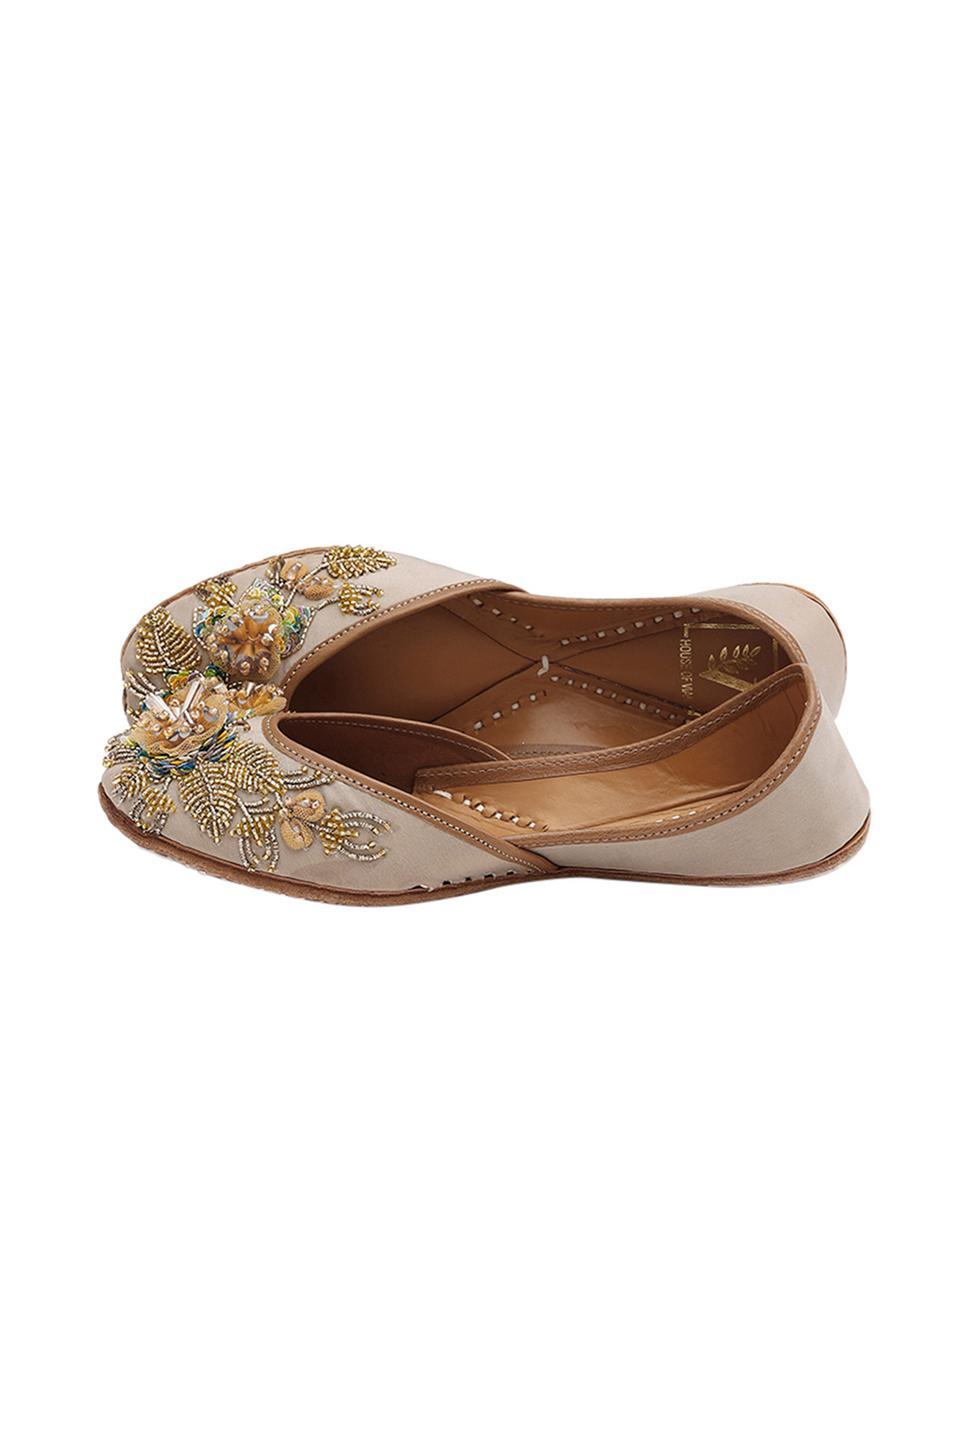 Handcrafted Bahaar Floral Embellished Juttis